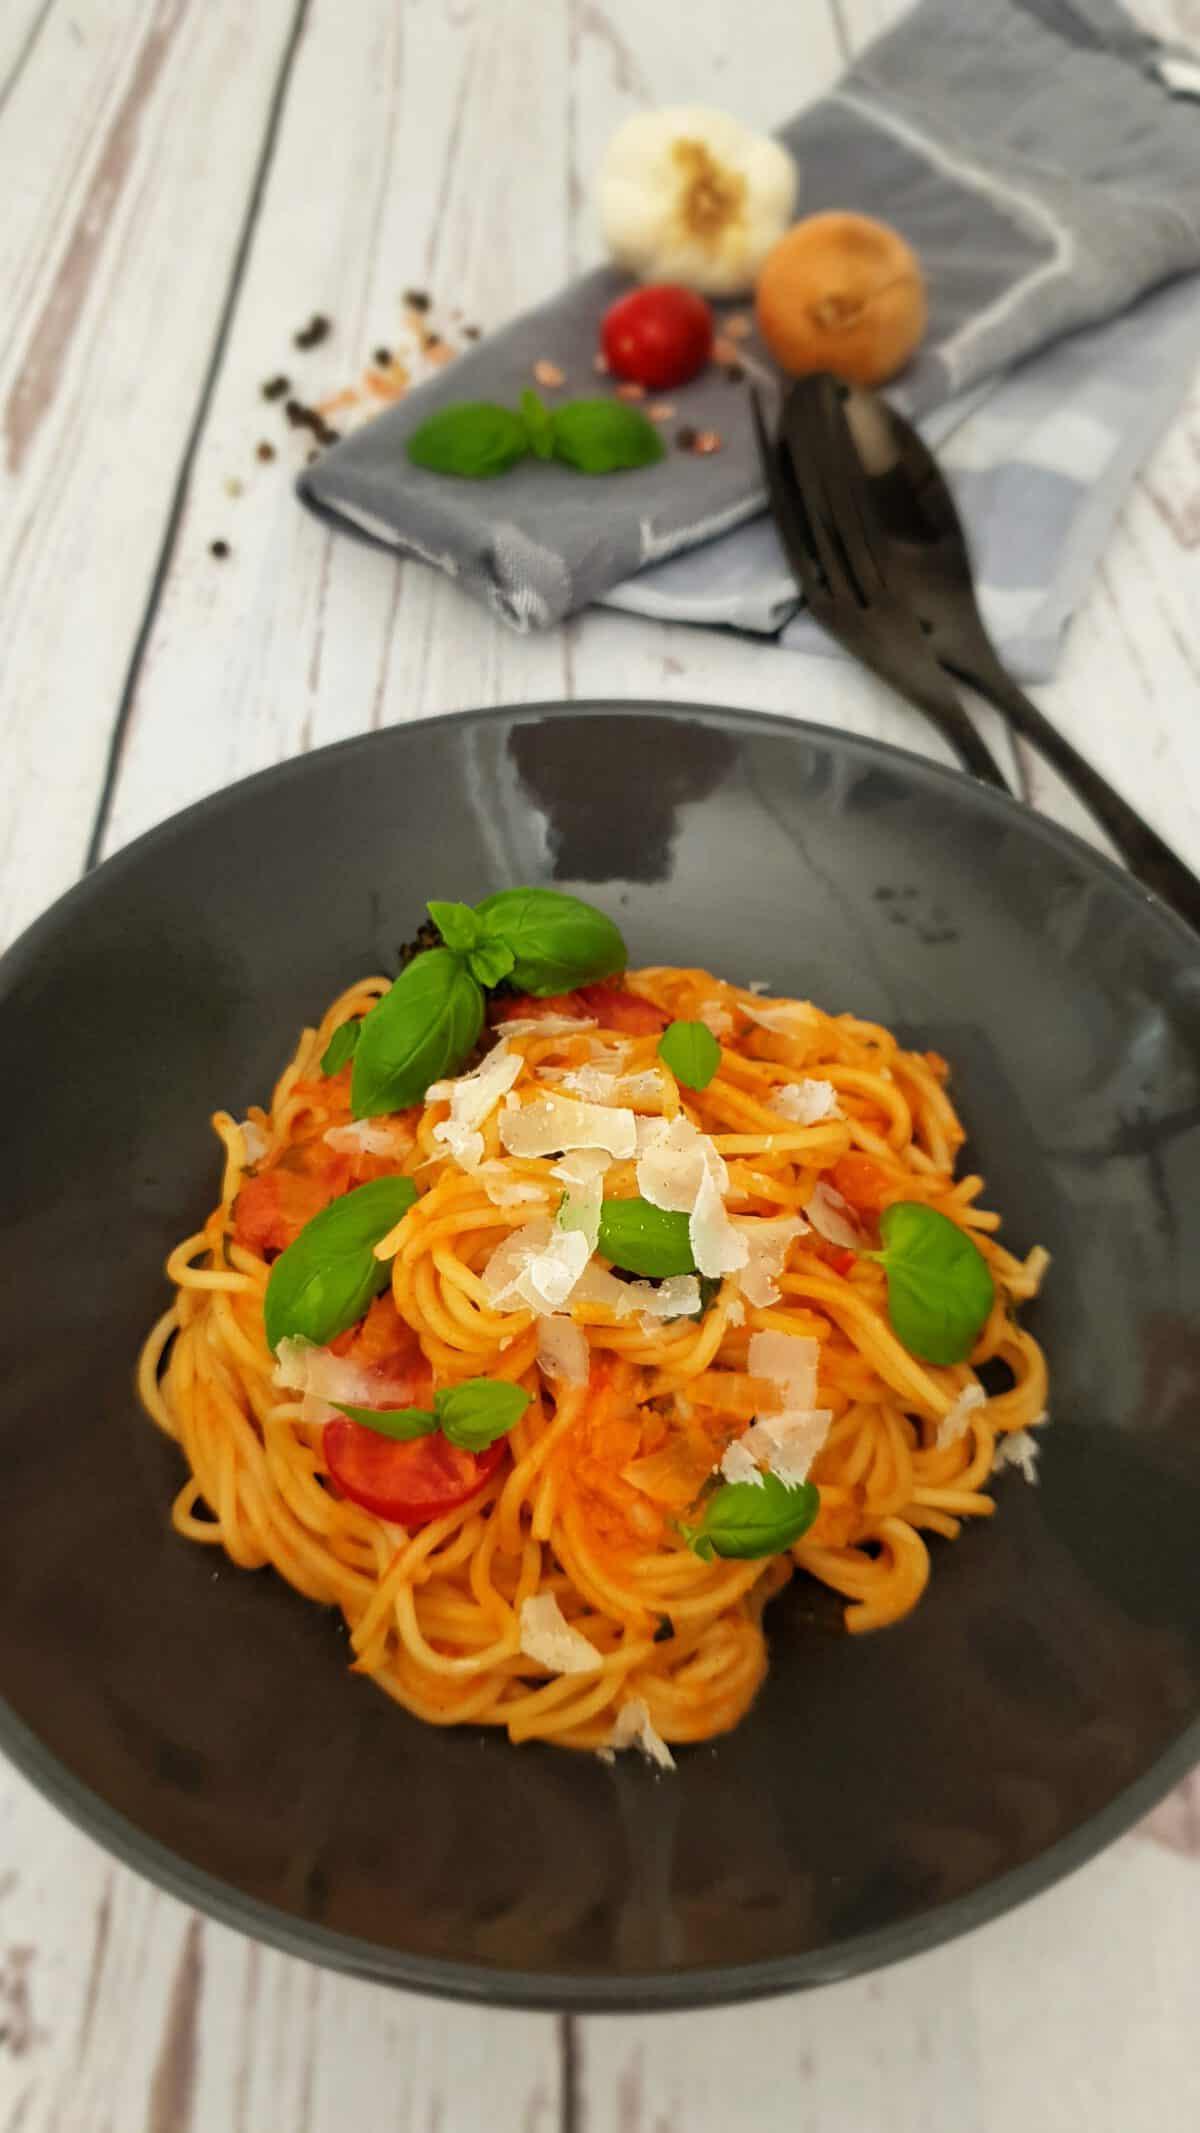 In einer braunen Schale angerichtet Dinkel Spaghetti mit Tomaten-Kokosmilch-Soße. Garniert mit Basilikum Blättern.